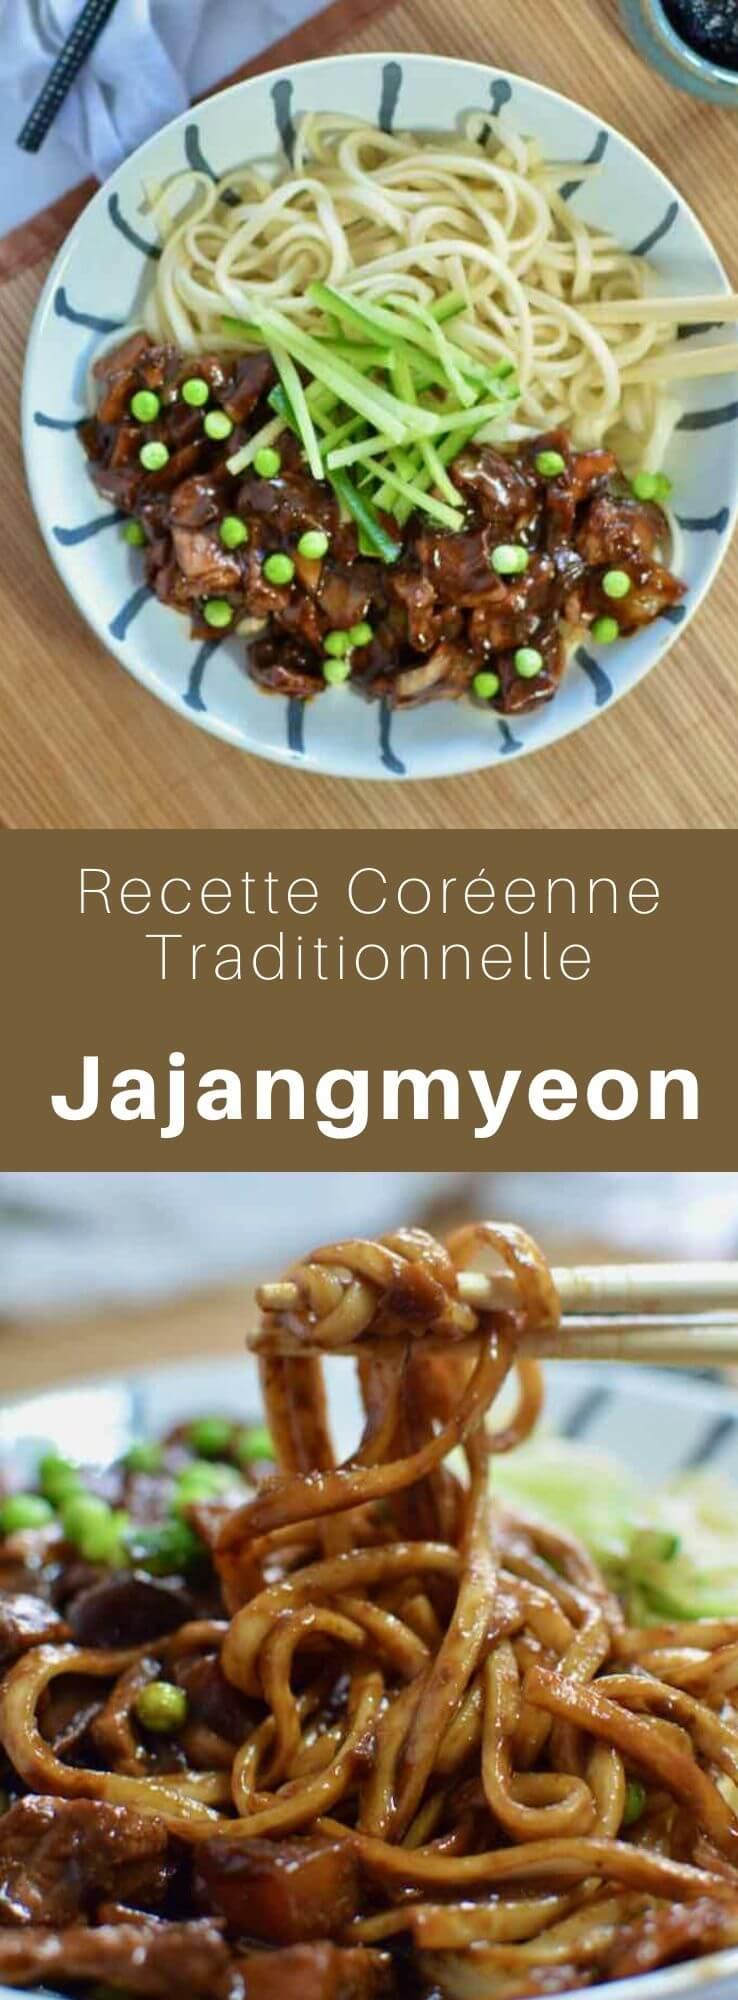 Le jajangmyeon est un plat coréen à base de nouilles agrémentées d'une pâte de soja noire fermentée, d'oignons, de courgettes et de pommes de terre. #Coree #CoreeDuSud #CoreeDuNord #CuisineDuMonde #196flavors